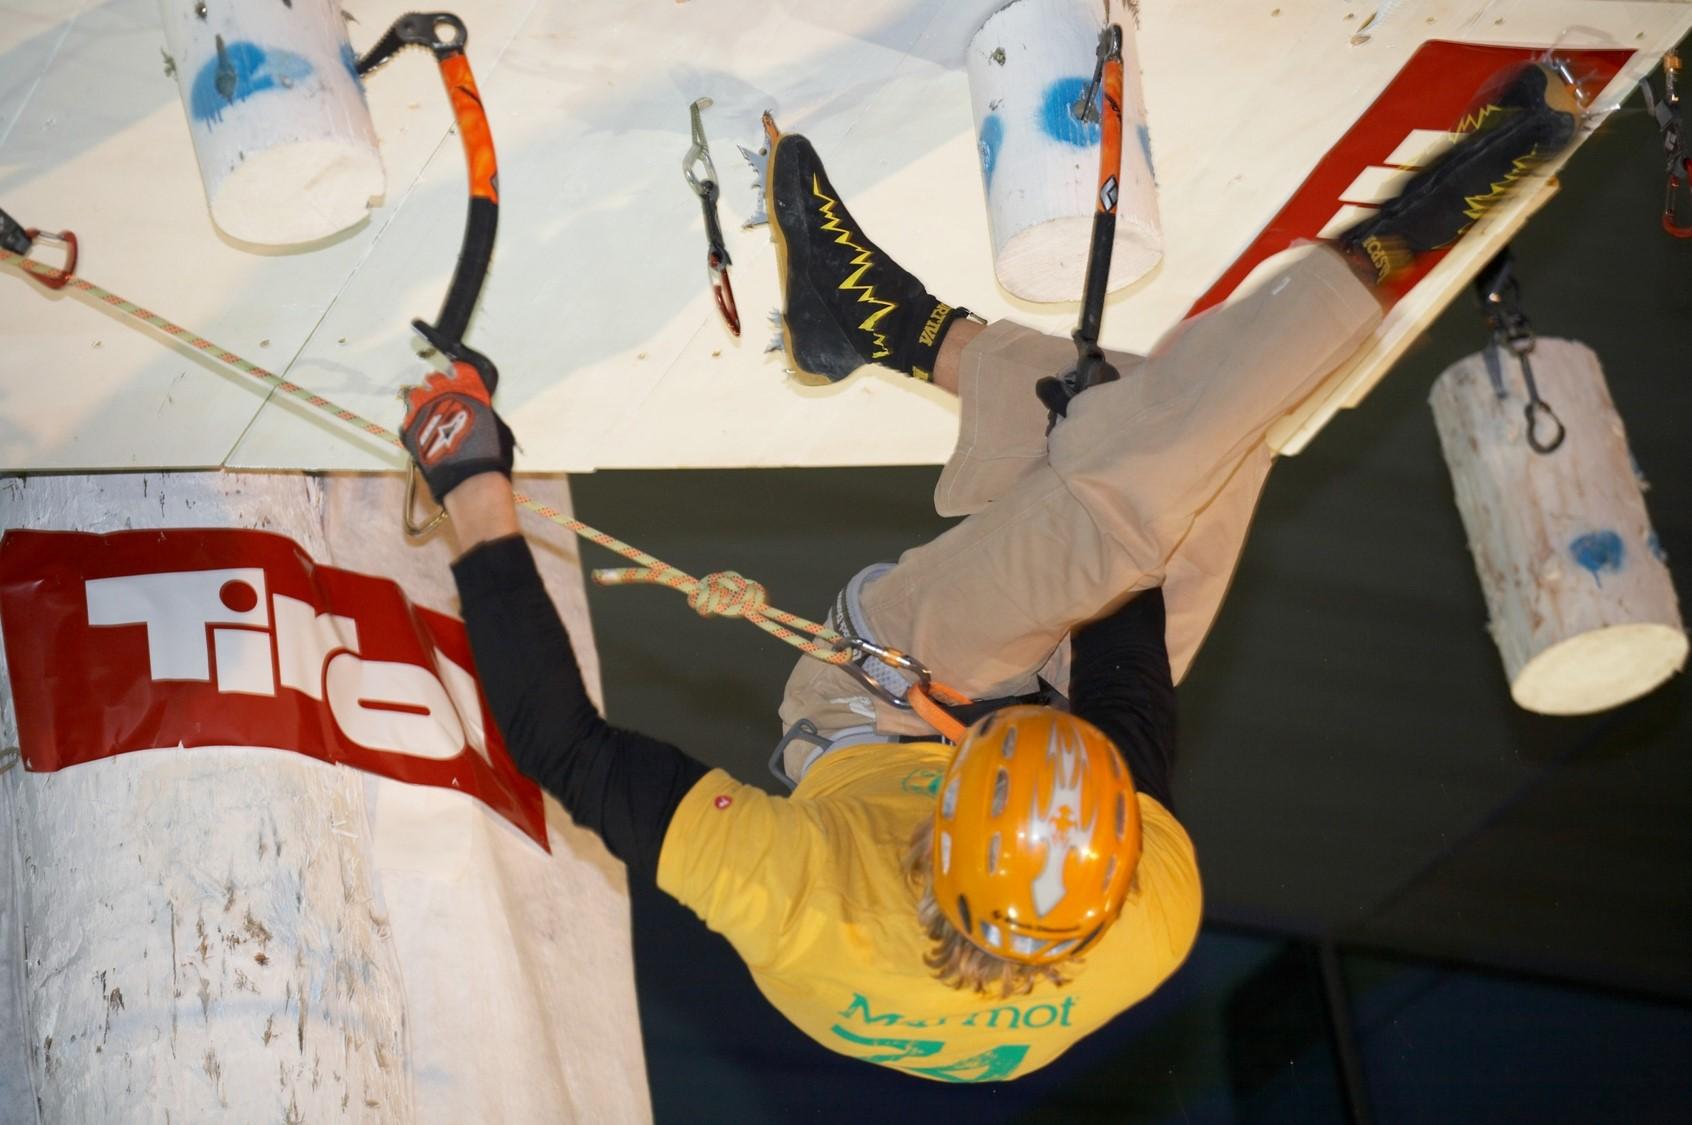 Wettkampf-Skibergsteigen und Eisklettern werden so schnell nicht Bestandteil des Olympischen Programms